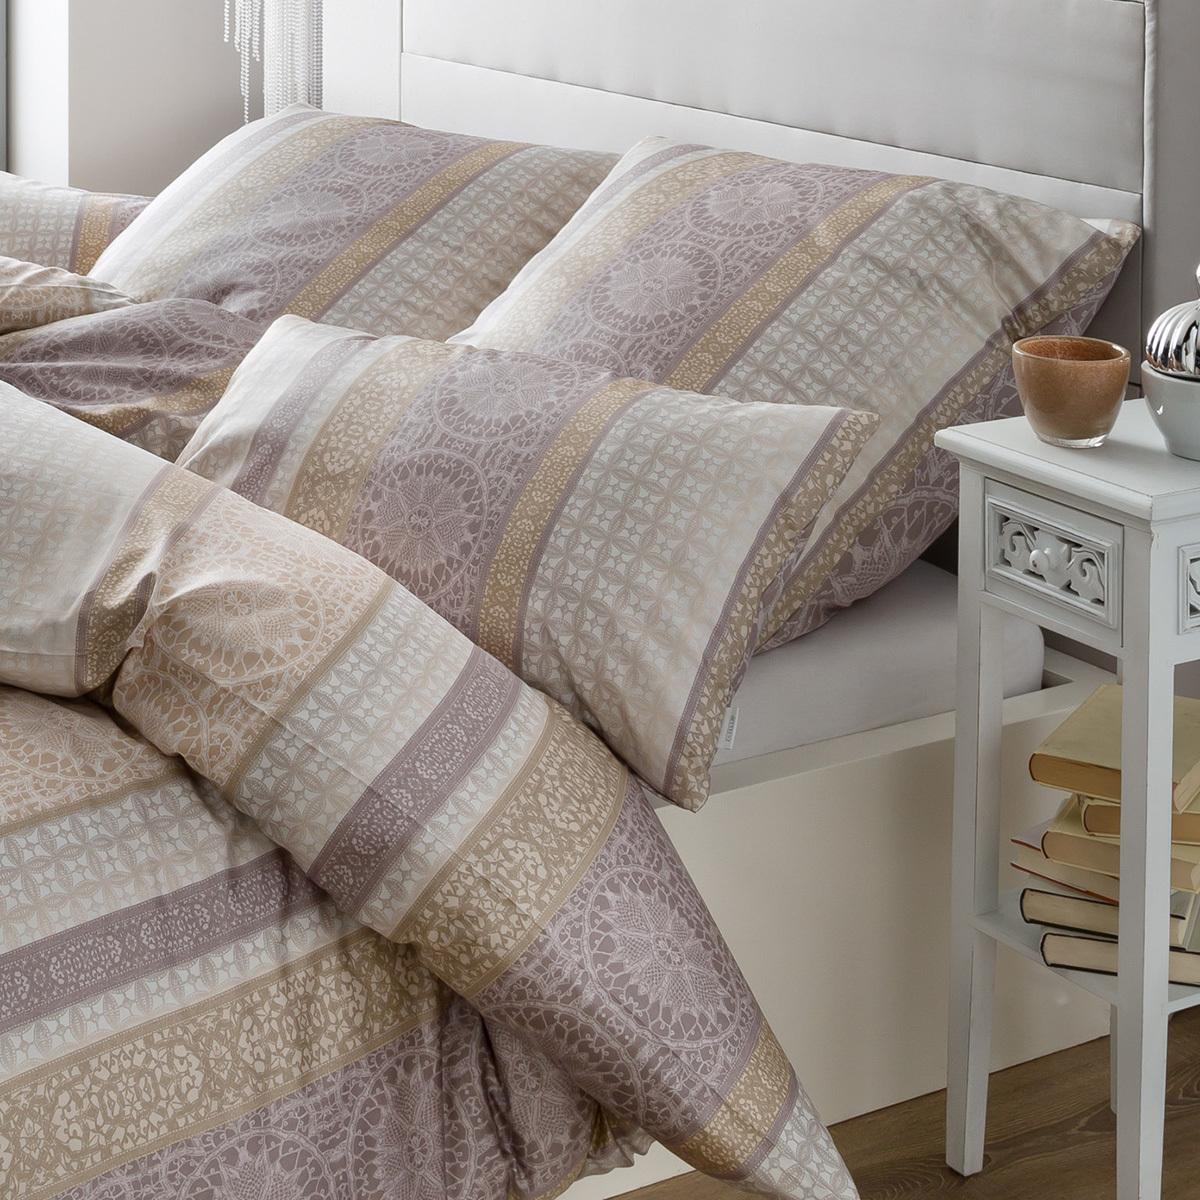 estella mako interlock jersey bettw sche 6252 095 bahama g nstig online kaufen bei bettwaren shop. Black Bedroom Furniture Sets. Home Design Ideas